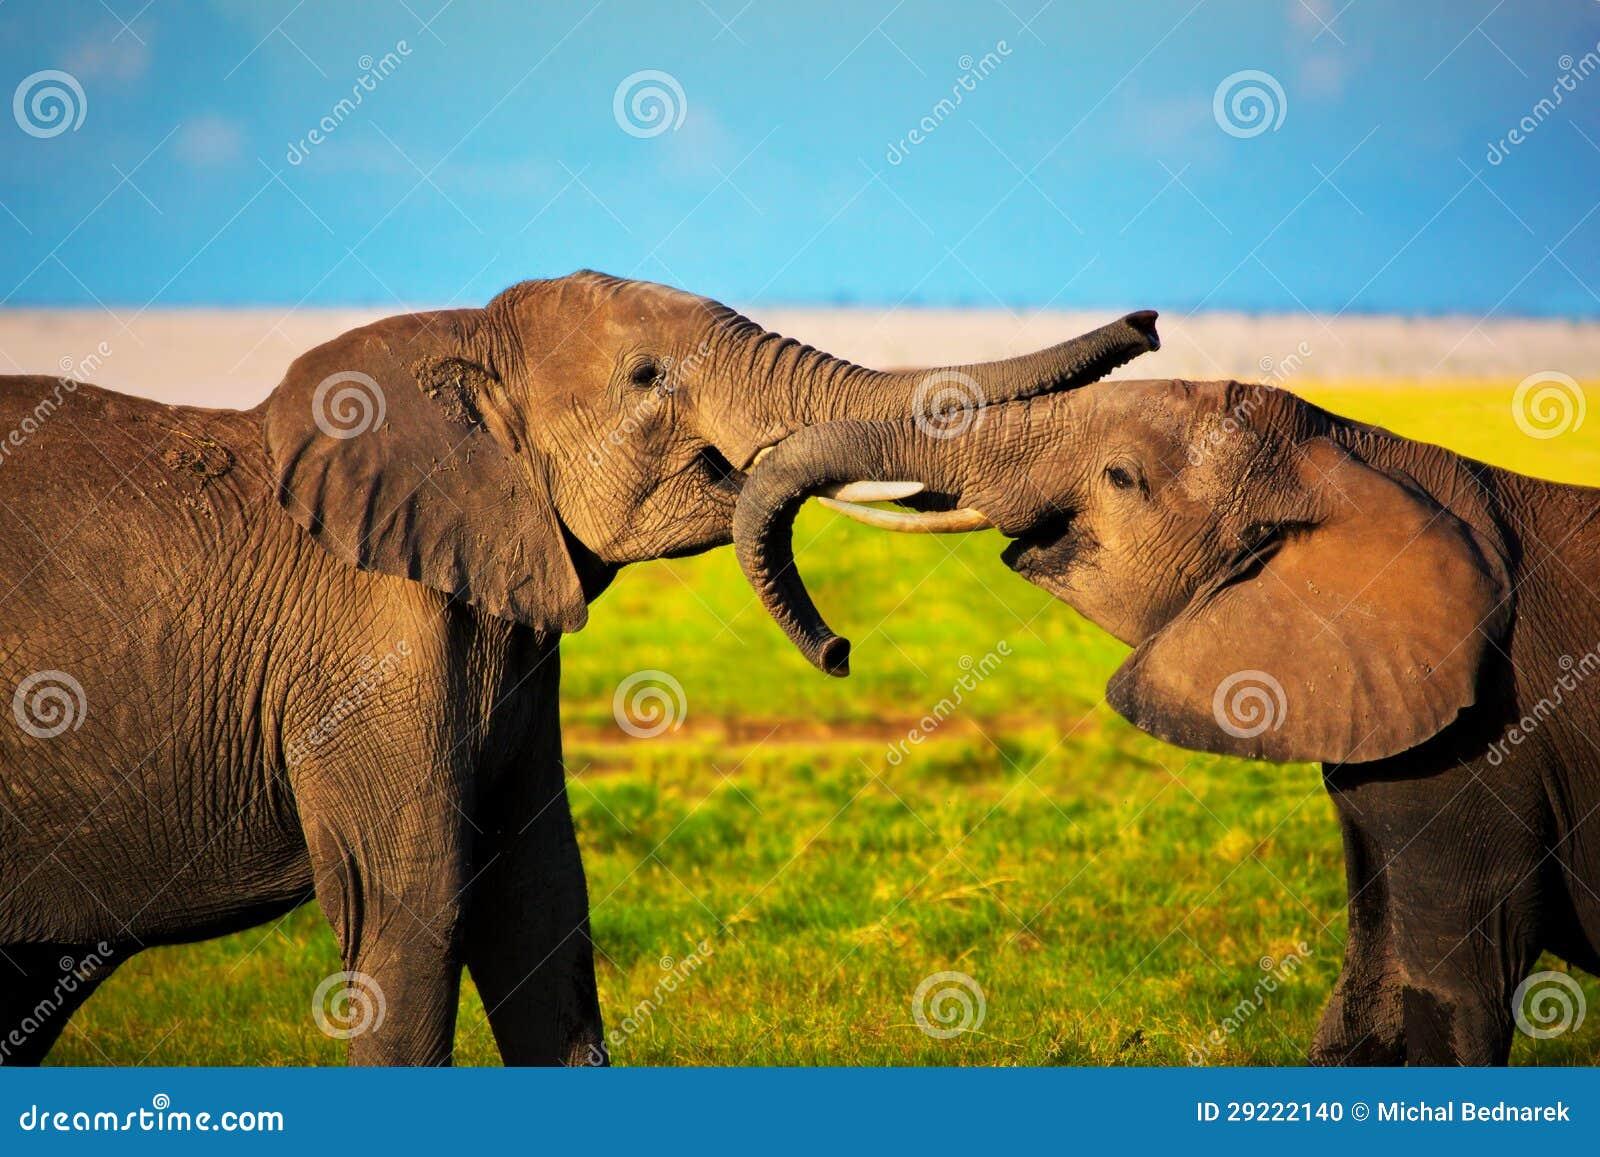 Elefantes que jogam no savanna. Safari em Amboseli, Kenya, África